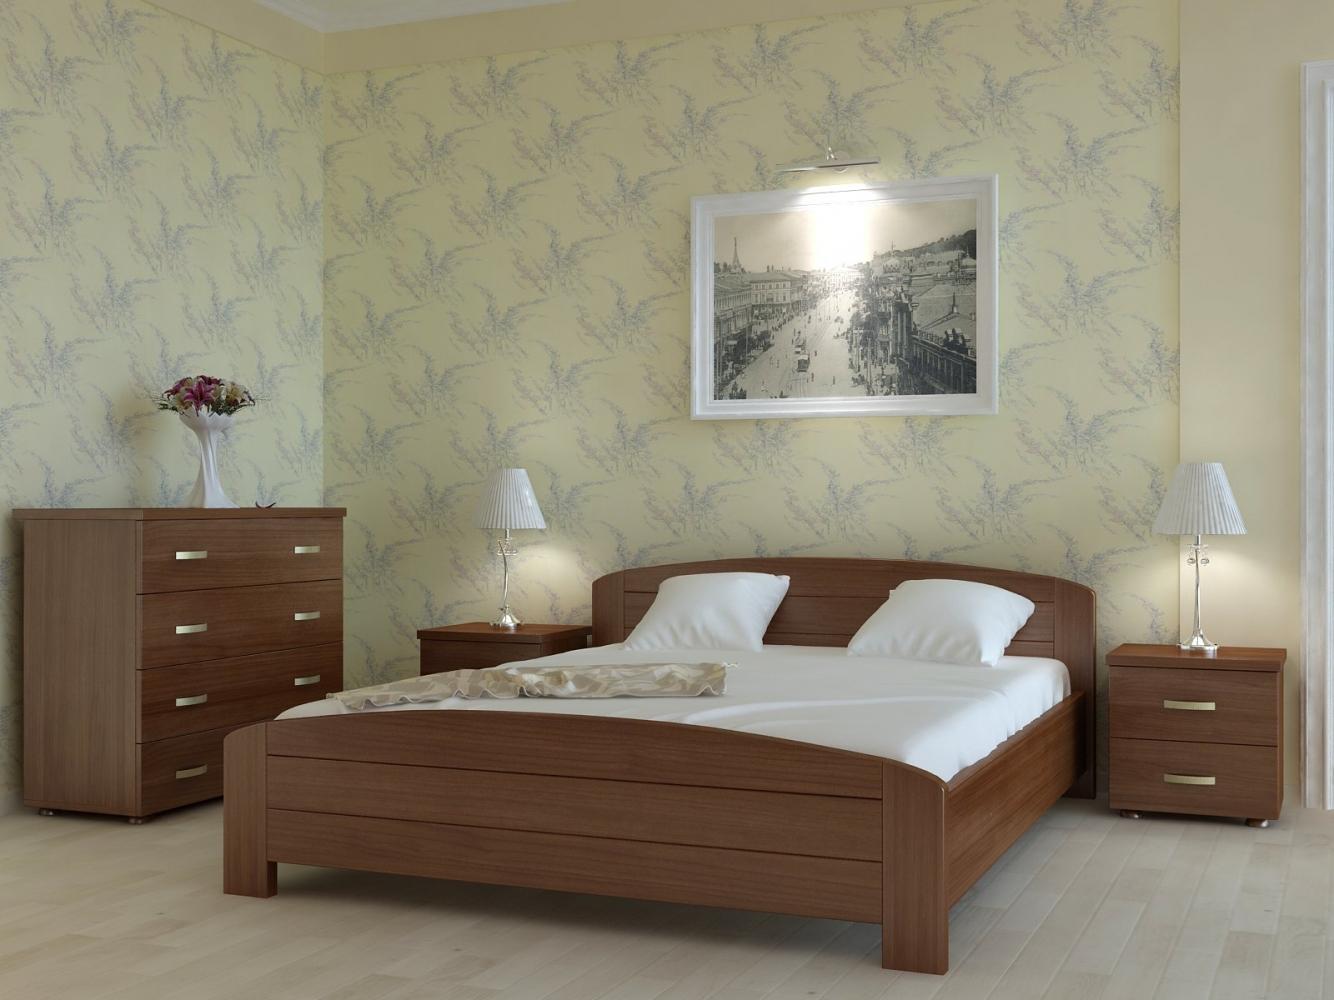 Кровать Класика 1